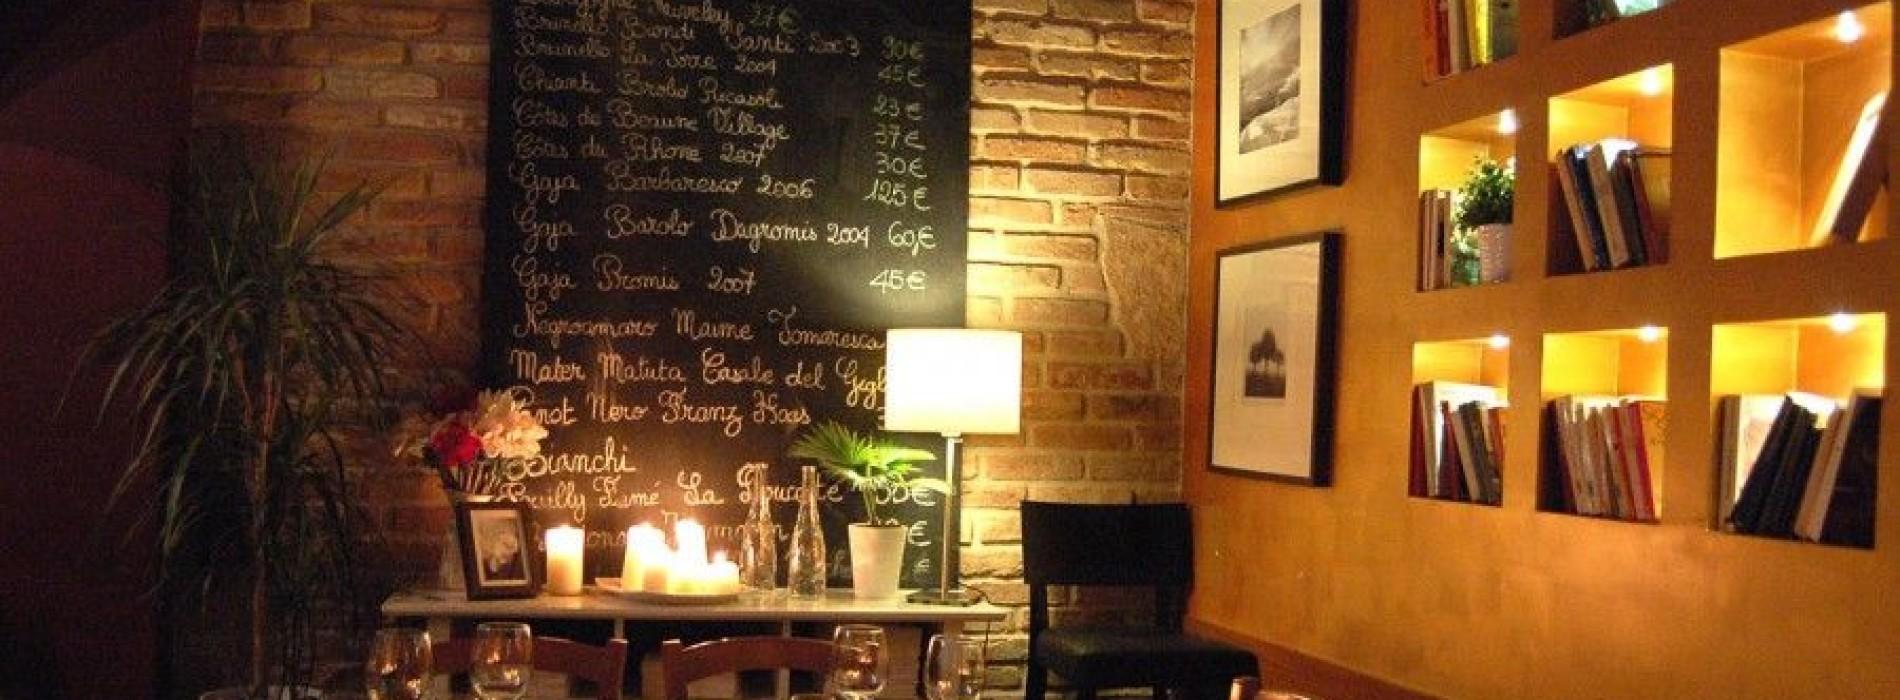 Dove mangiare al centro di roma dieci ristoranti for Ad arredamenti roma